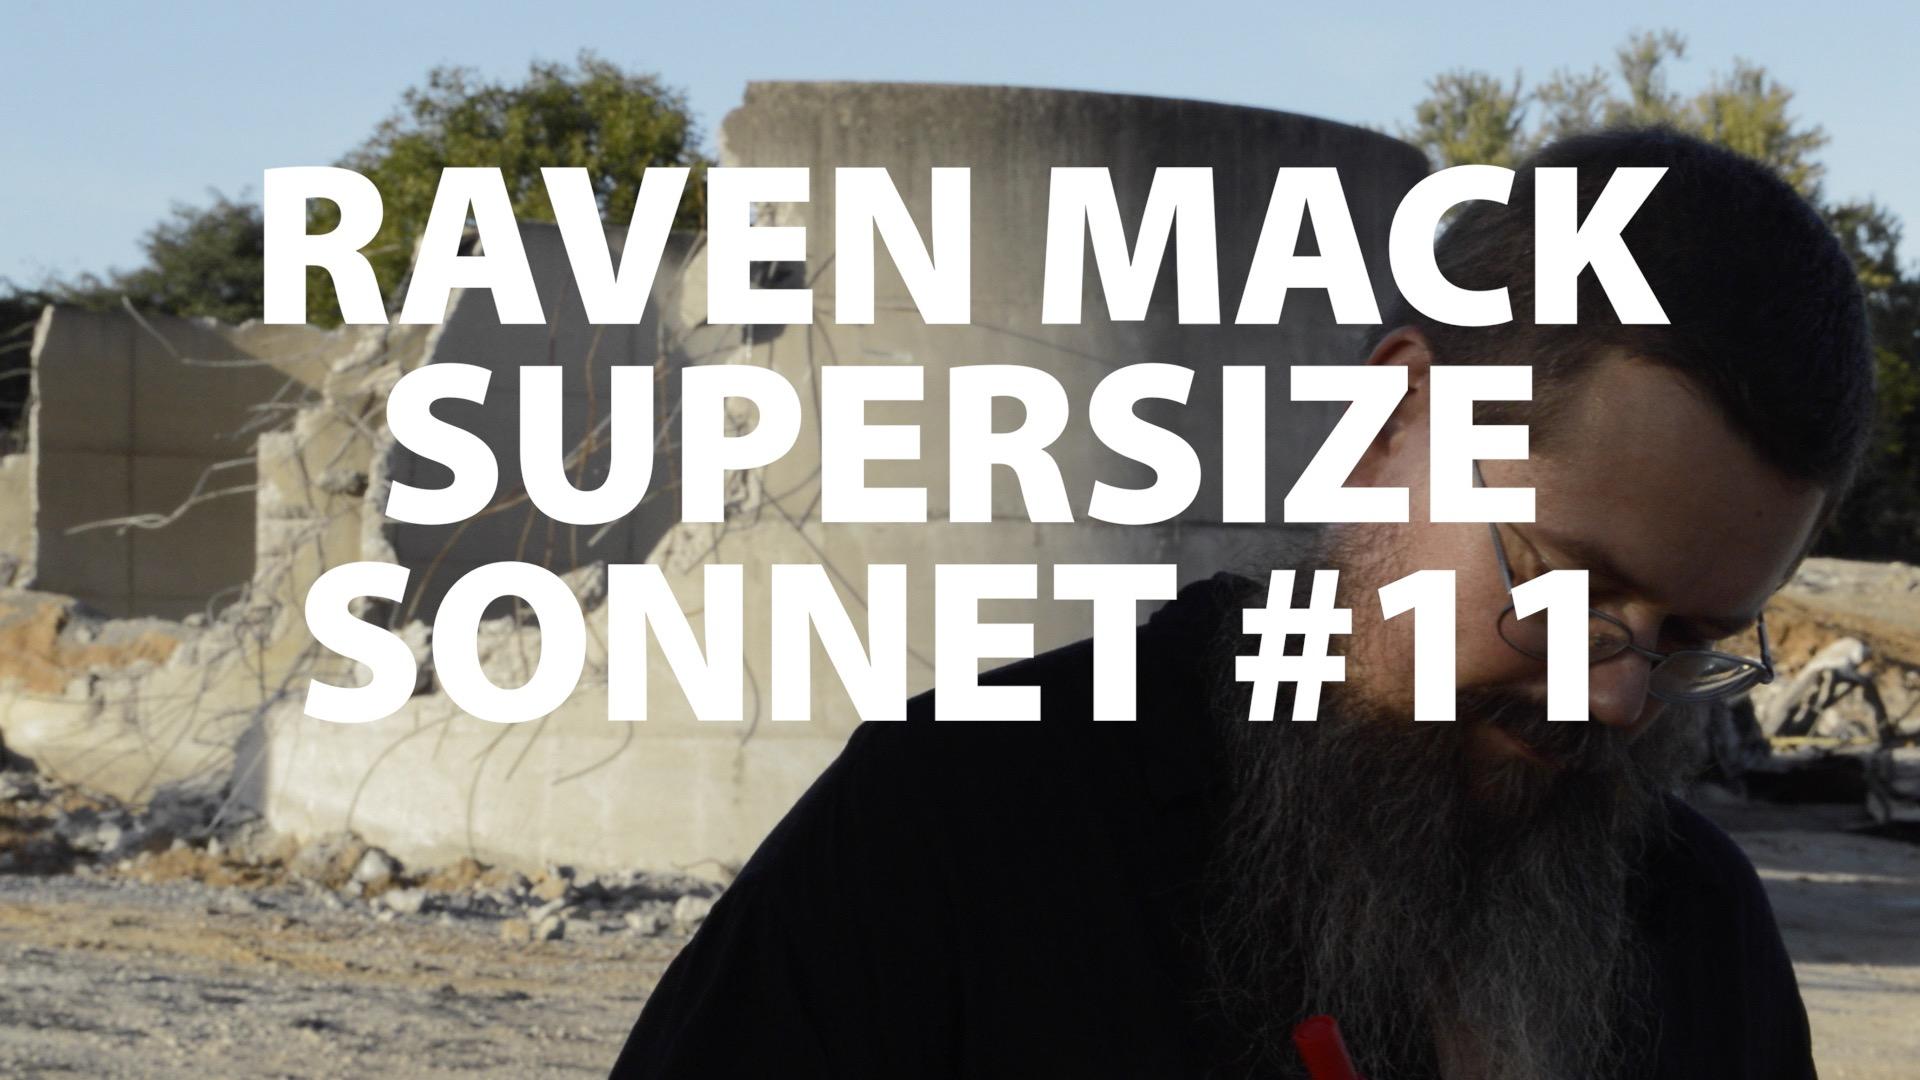 Raven Mack Supersized Sonnet #11